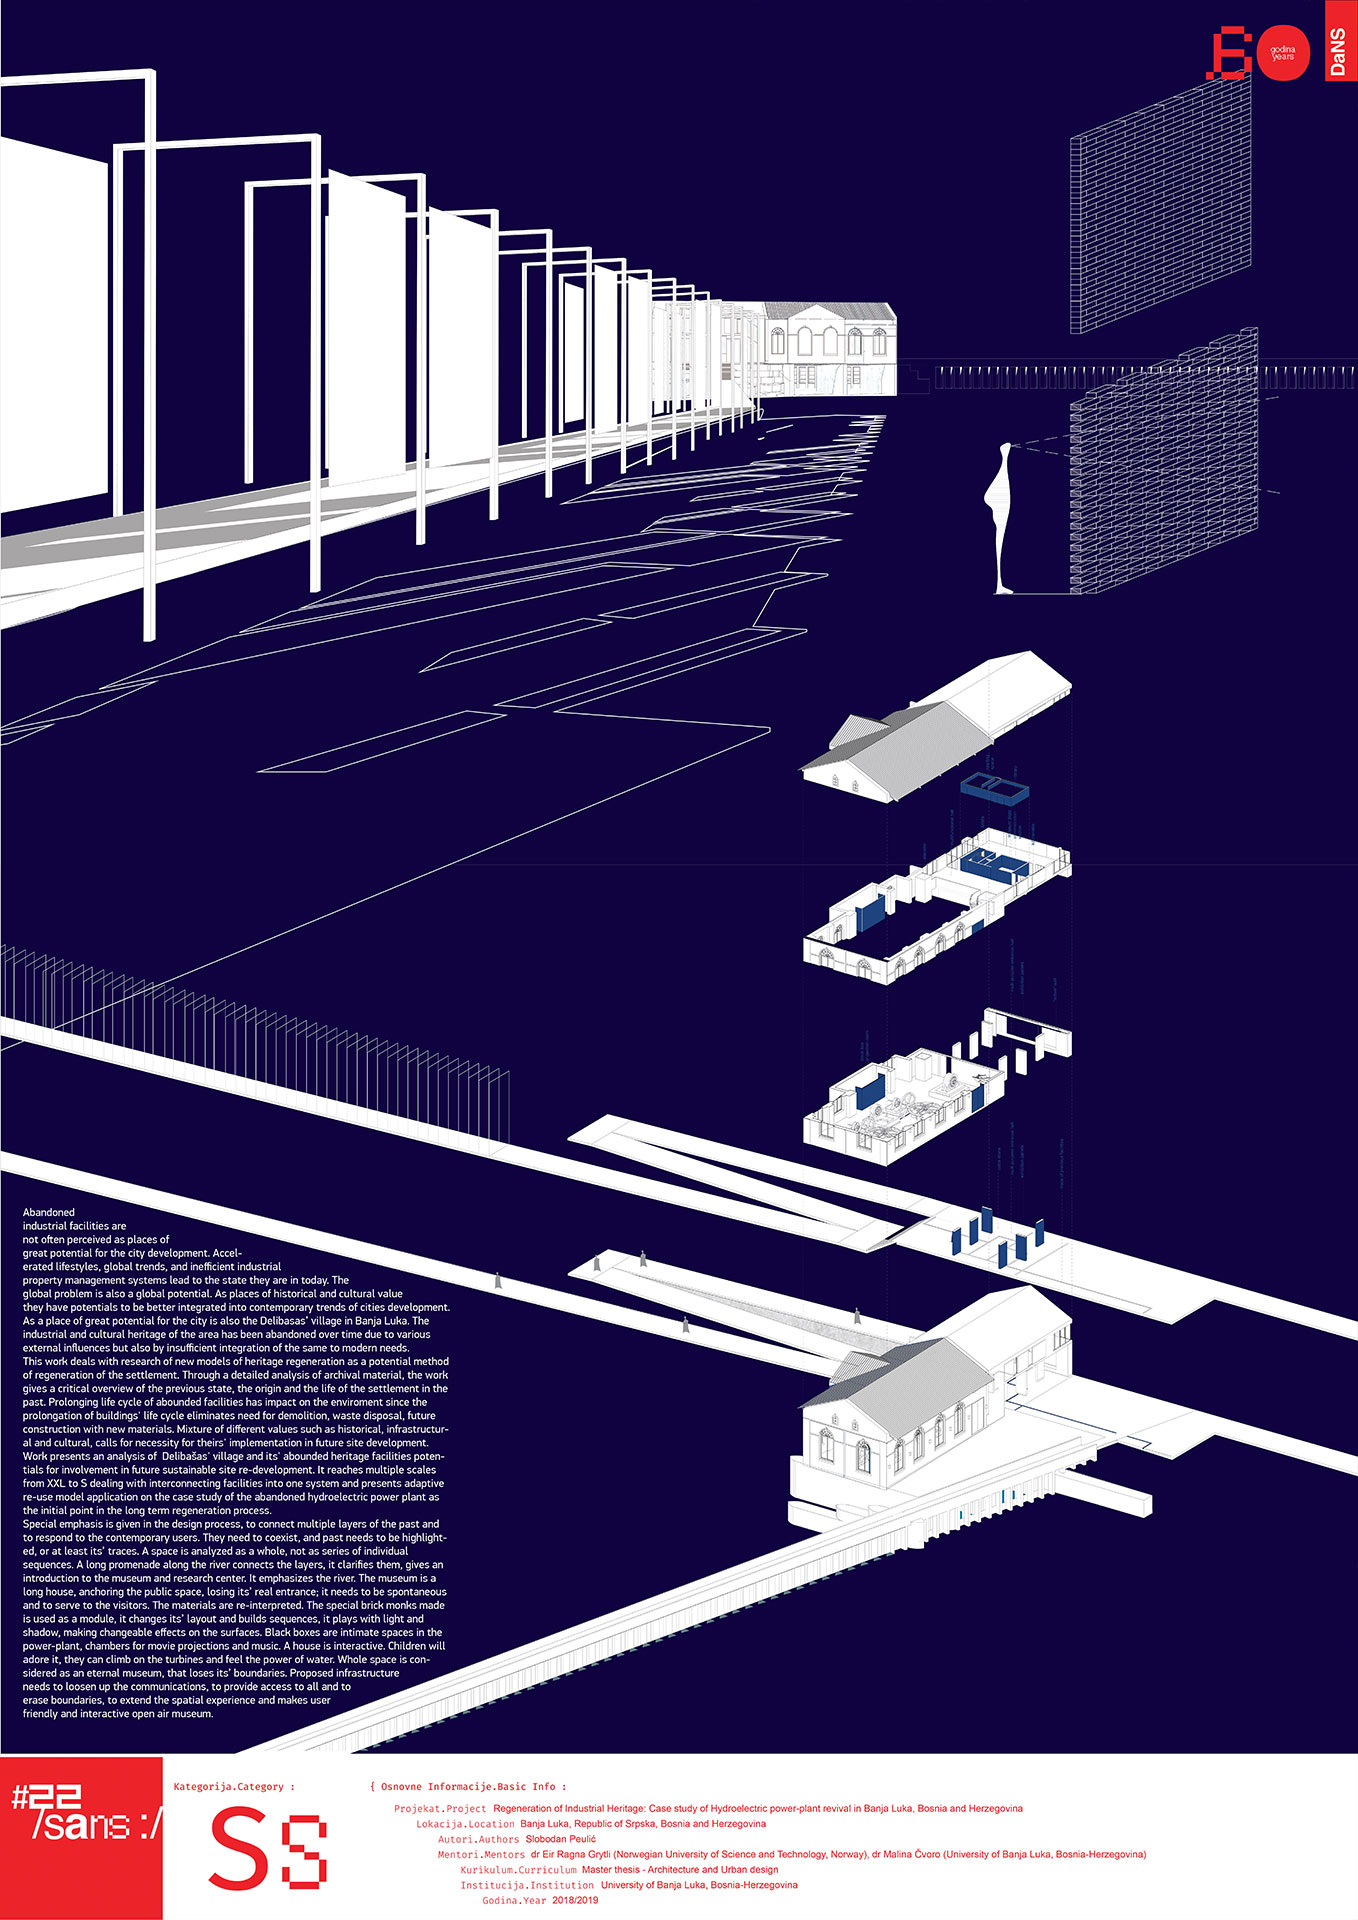 """<p class=""""naslov-br"""">ss52</p>Regeneracija industrijskog nasleđa: Na primeru revitalizacije hidroelektrične termoelektrane u Banja Luci, Bosna i Hercegovina // Regeneration of Industrial Heritage: Case study of Hydroelectric power-plant revival in Banja Luka, Bosnia and Herzegovina"""